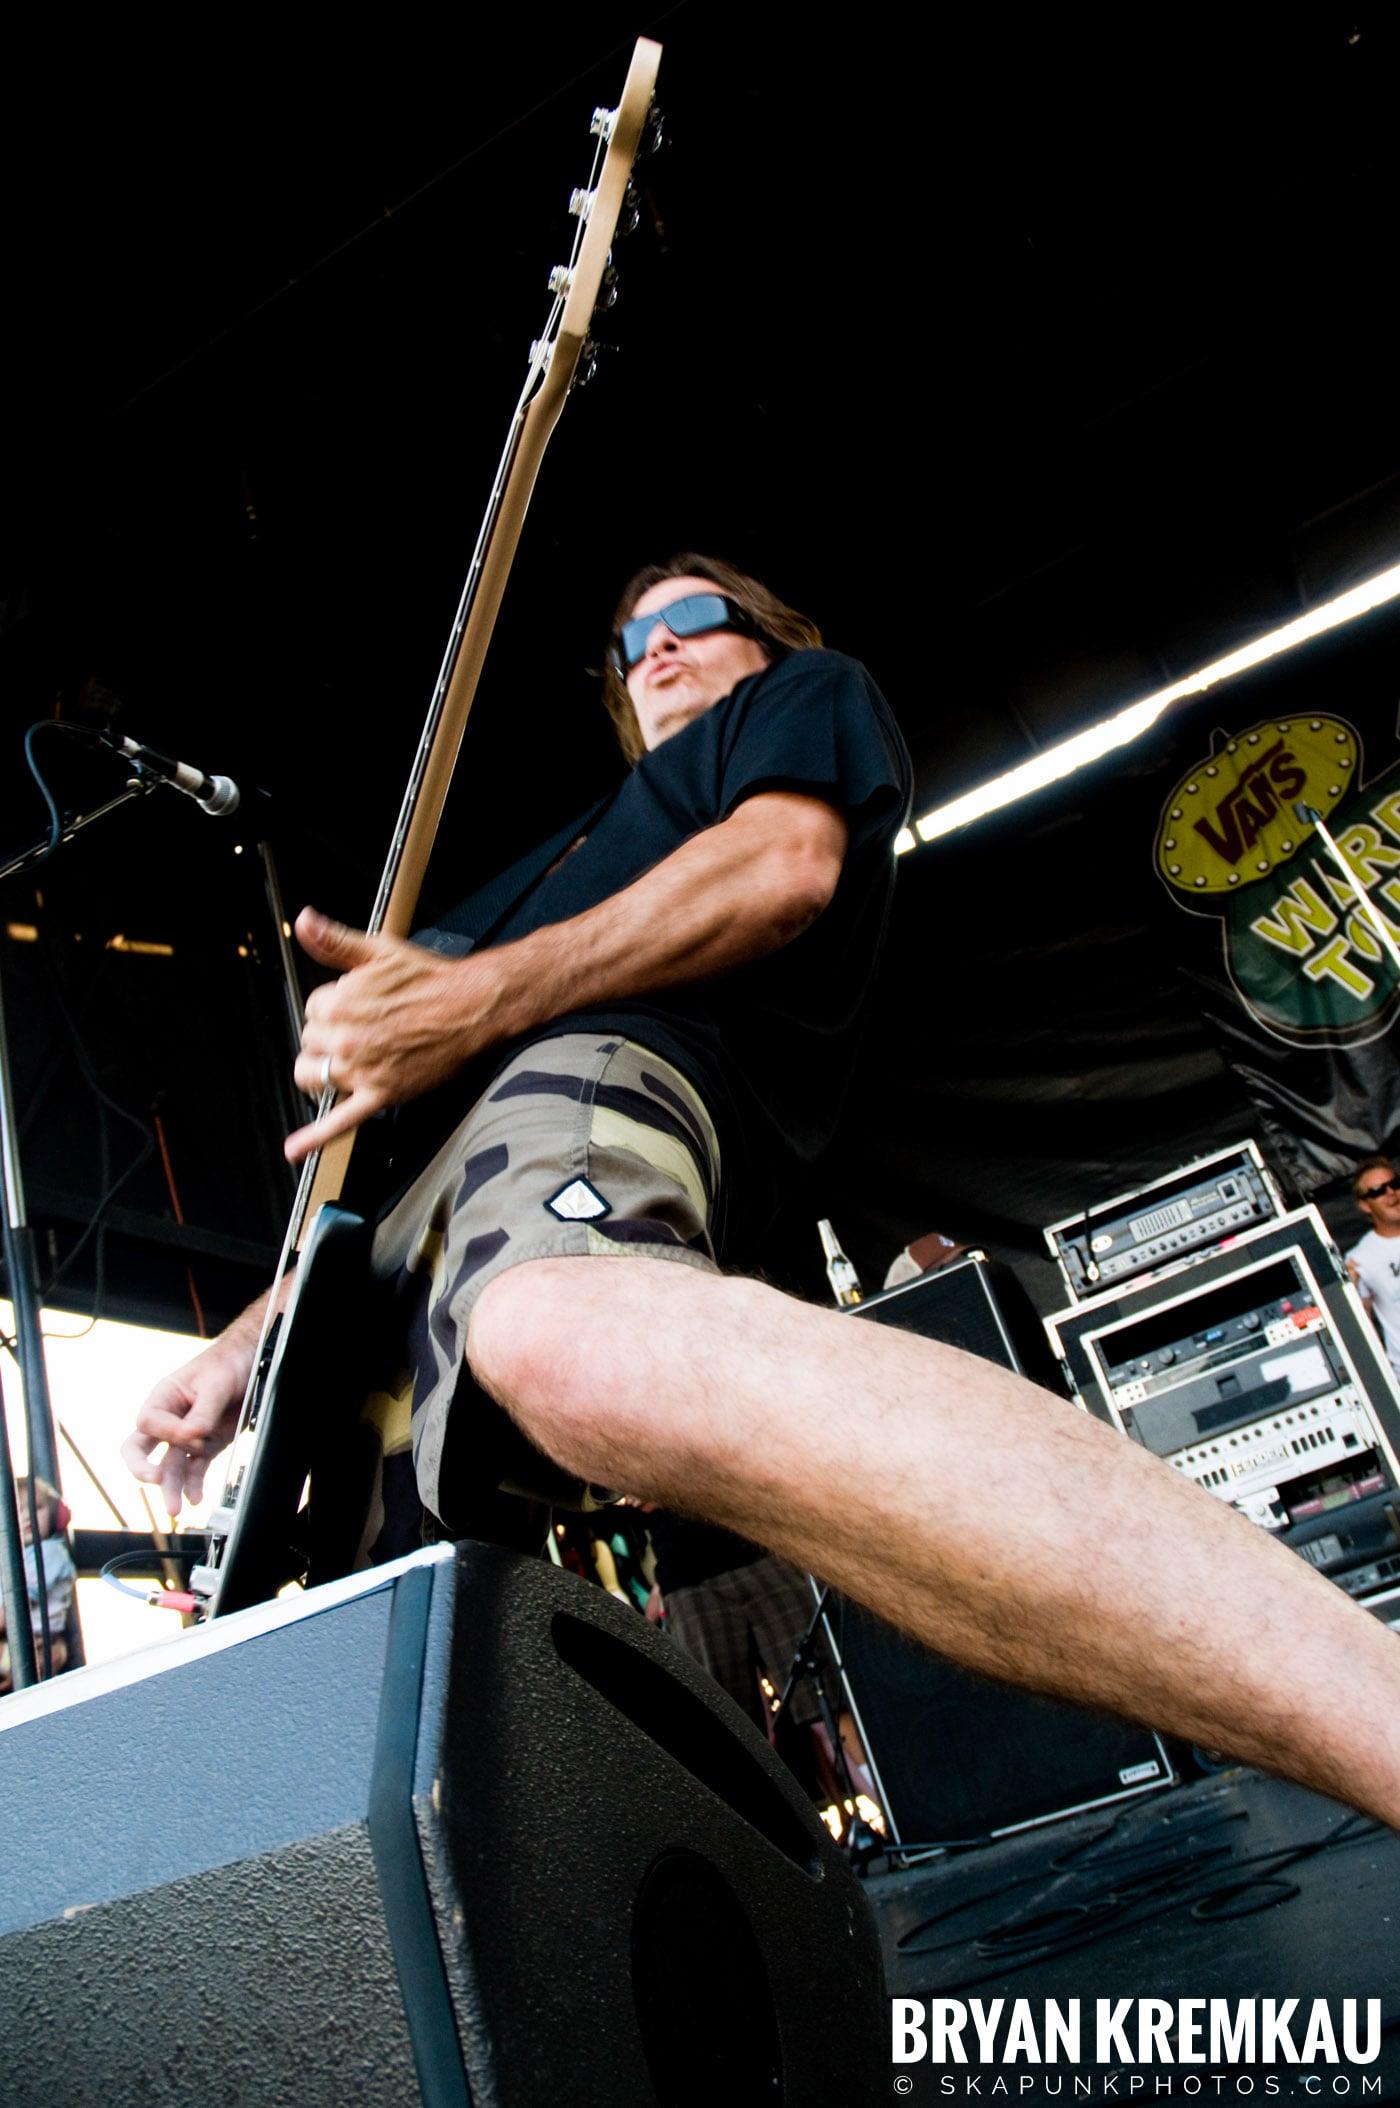 Pennywise @ Warped Tour 08, Scranton PA - 7.27.08 (7)